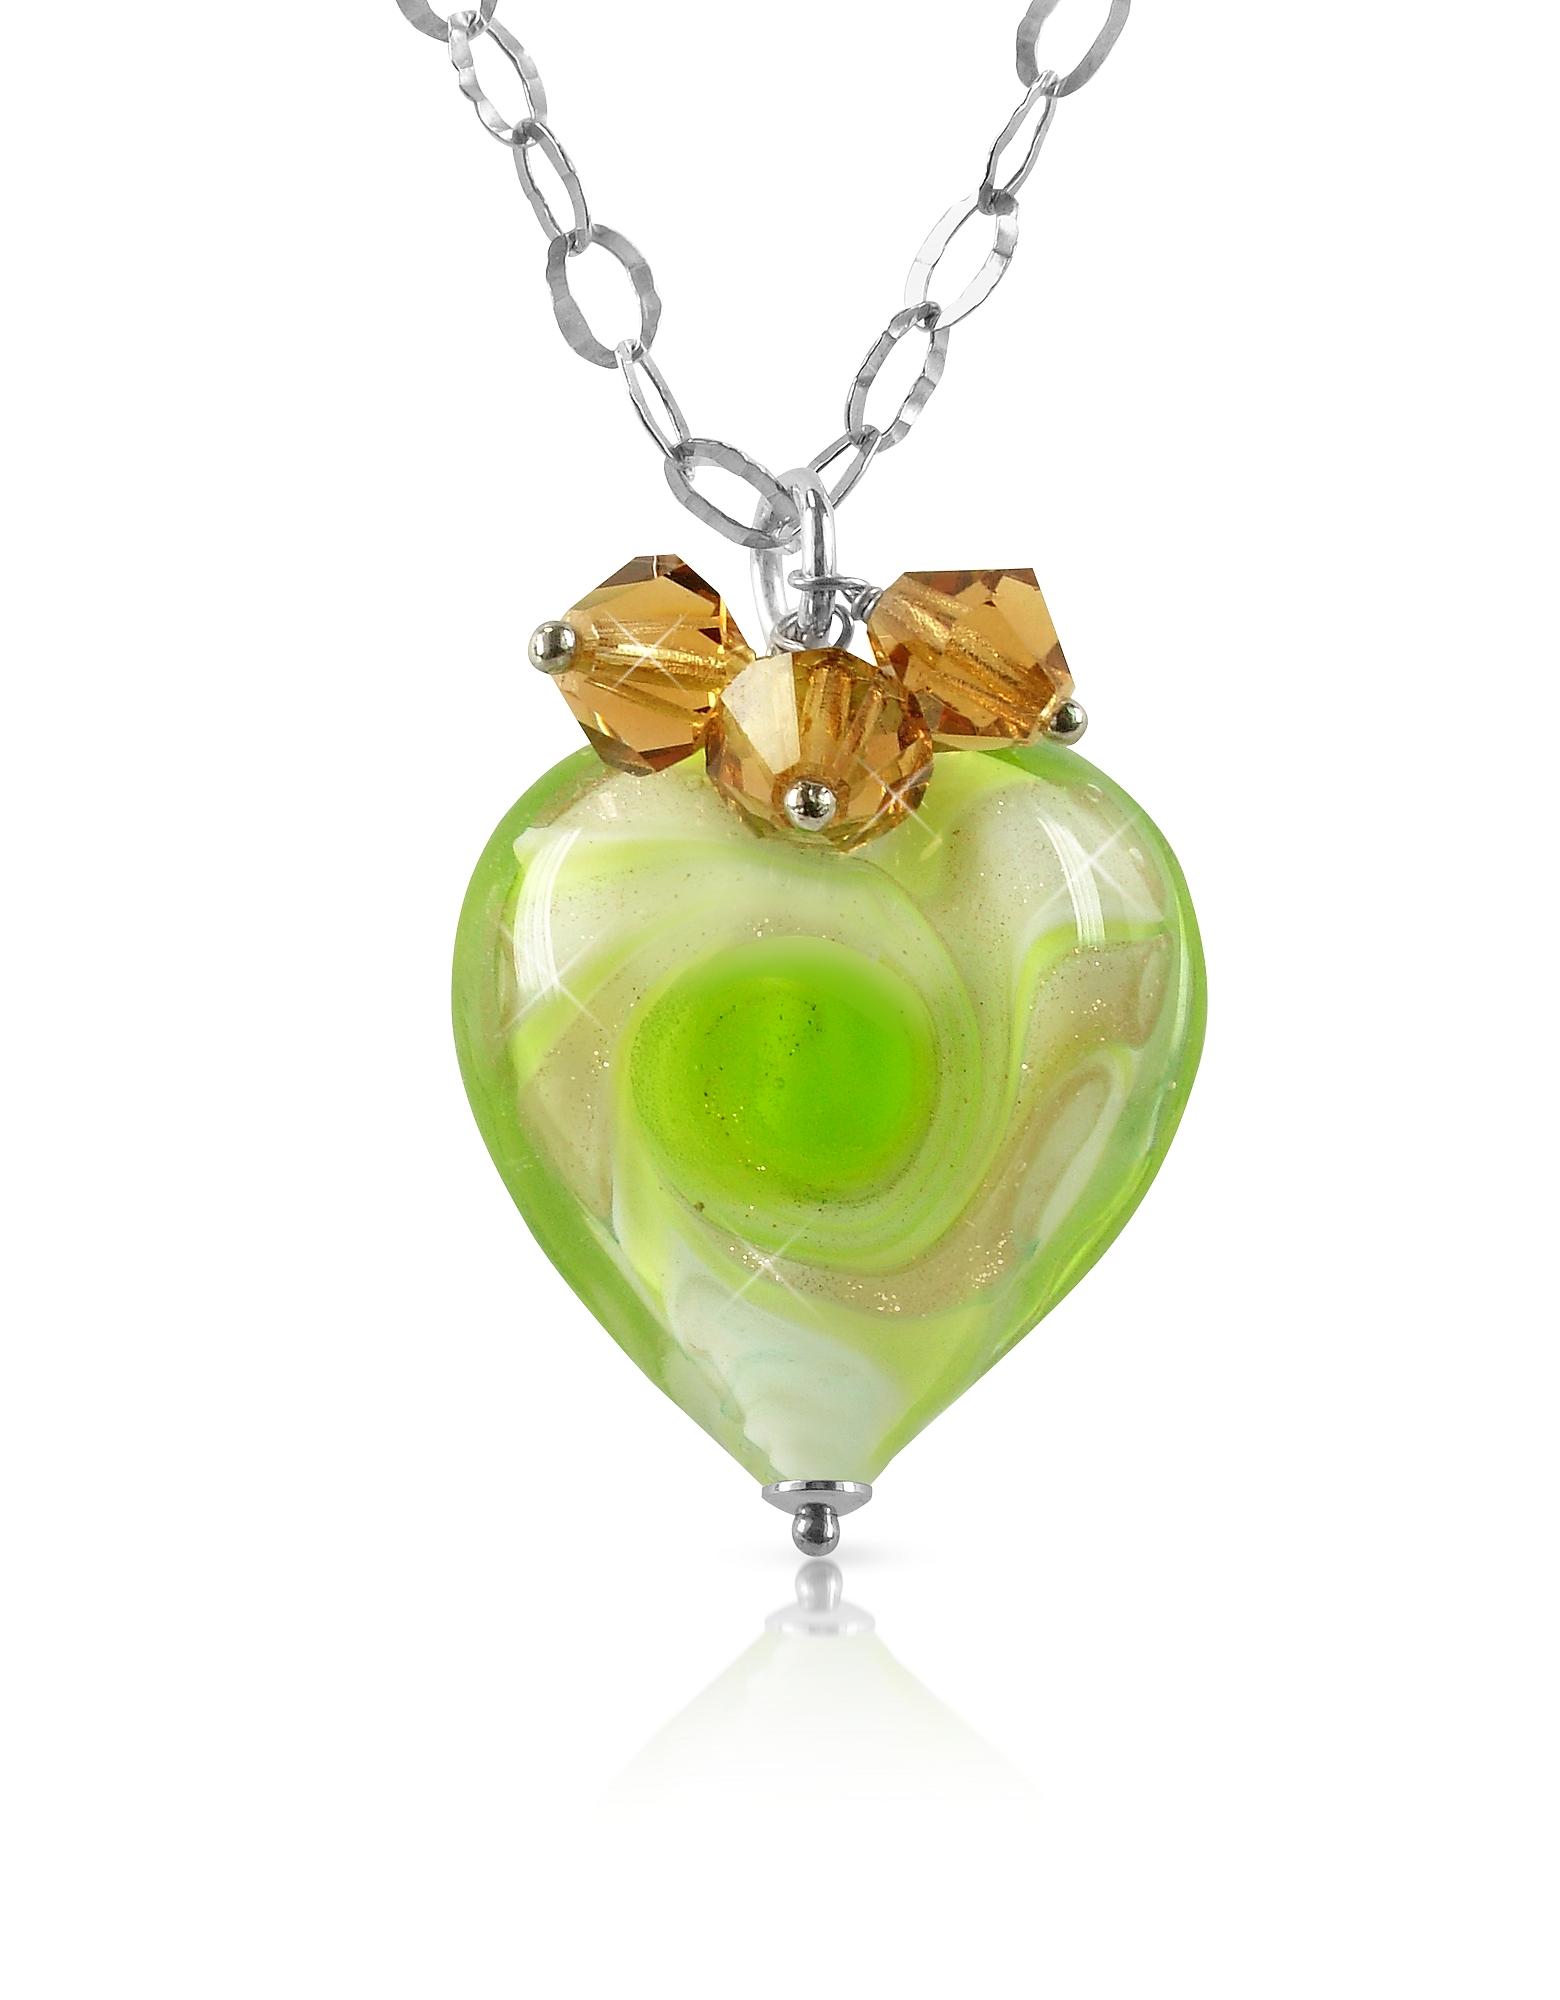 House of Murano Vortice - Колье из Серебра 925 пробы с Подвеской-Сердцем из Стекла Мурано Лимонно-зеленого Оттенка